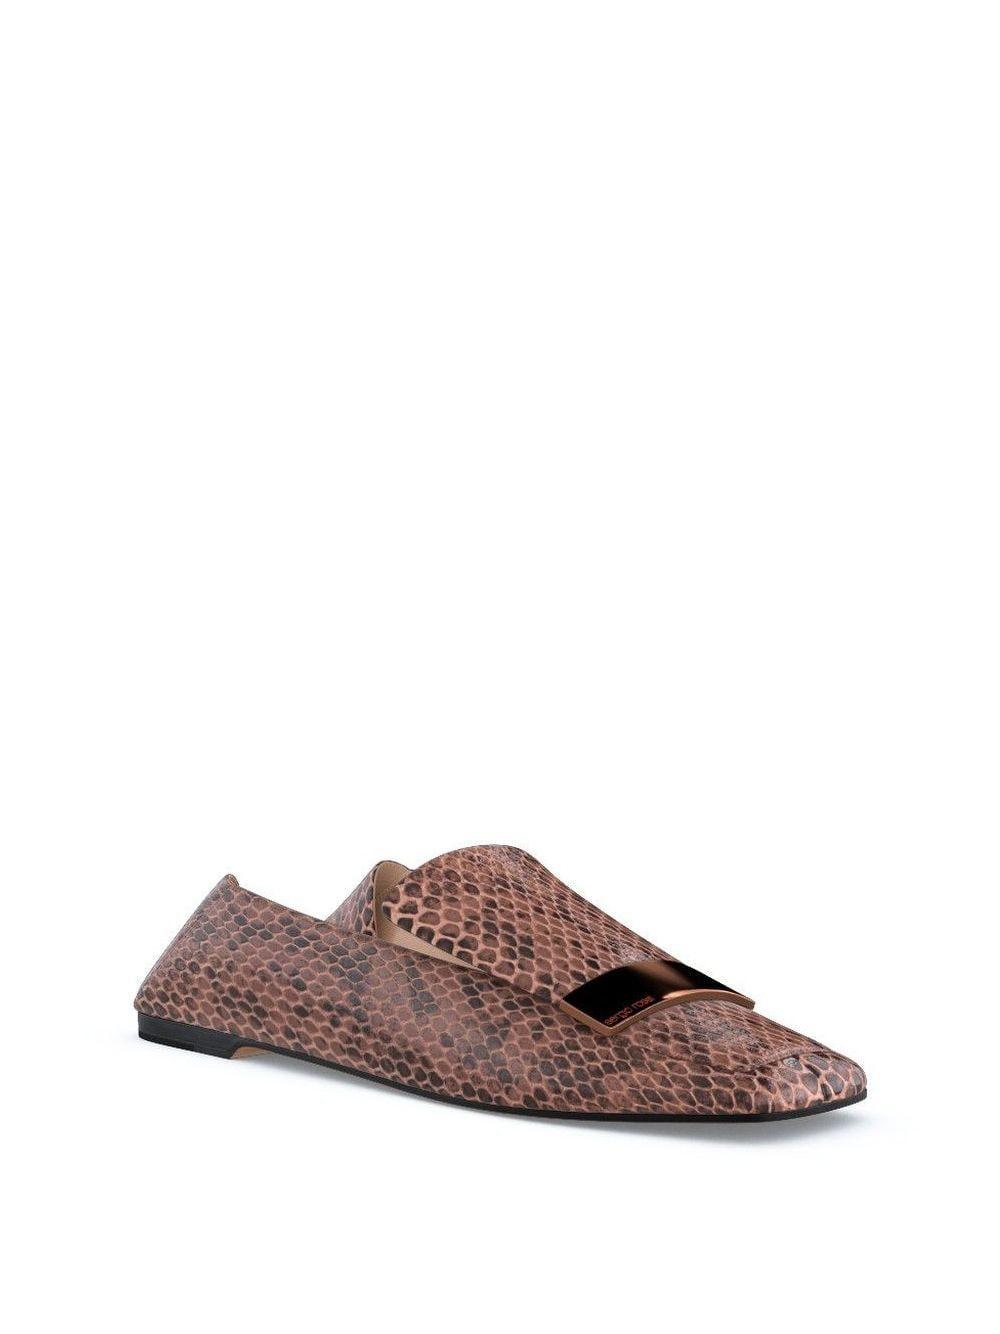 Slippers sr1 personalizables Sergio Rossi de color Rosa